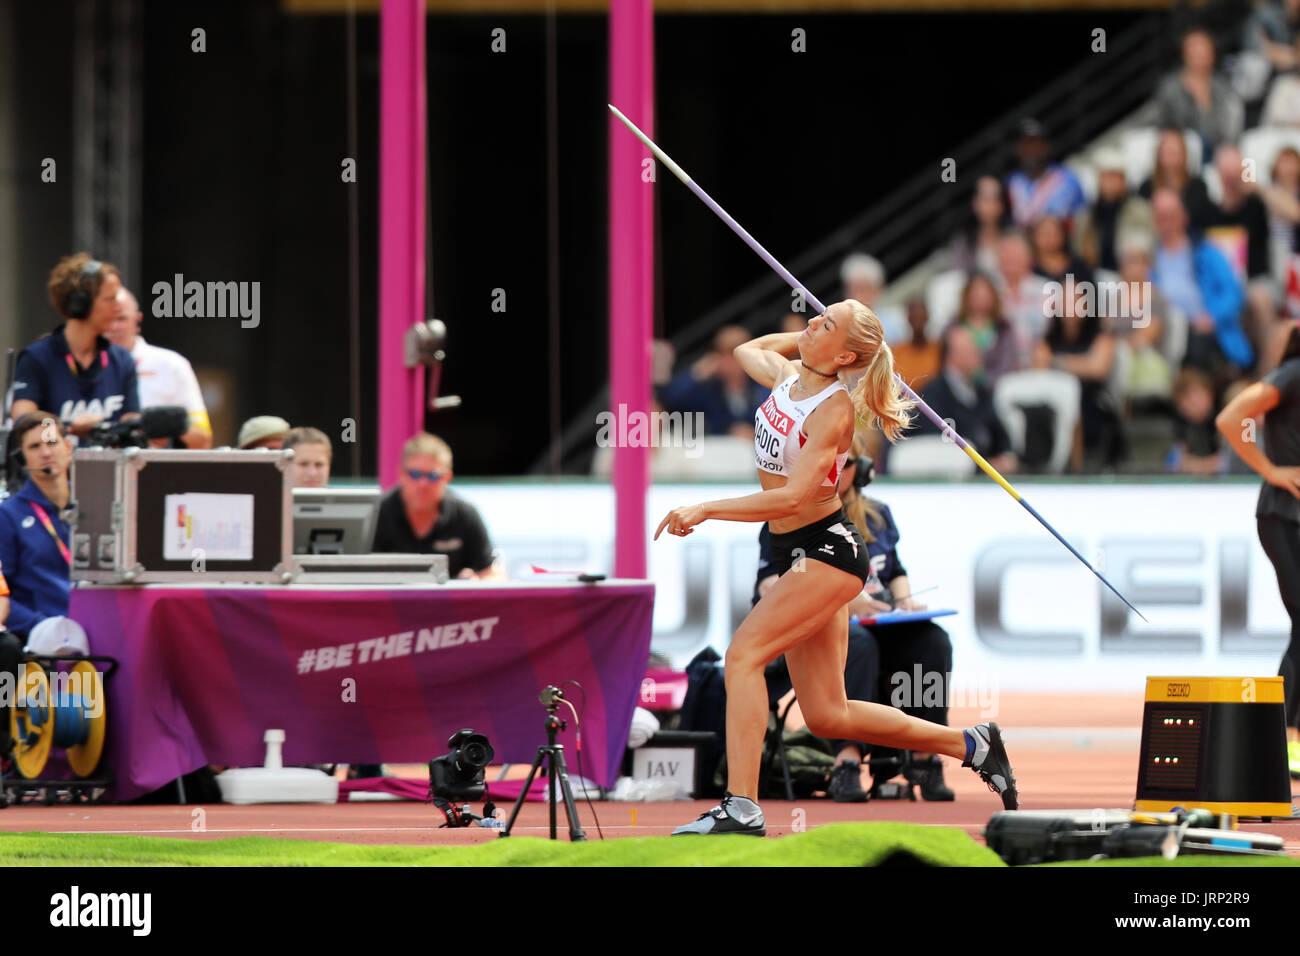 Londres, Reino Unido. 6 de agosto de 2017. Ivona DADIC de Austria competir en el Heptathlon Javelin throw en el 2017, Campeonatos Mundiales de la IAAF, Queen Elizabeth Olympic Park, Stratford, Londres, Reino Unido. Crédito: Simon Balson/Alamy Live News Foto de stock